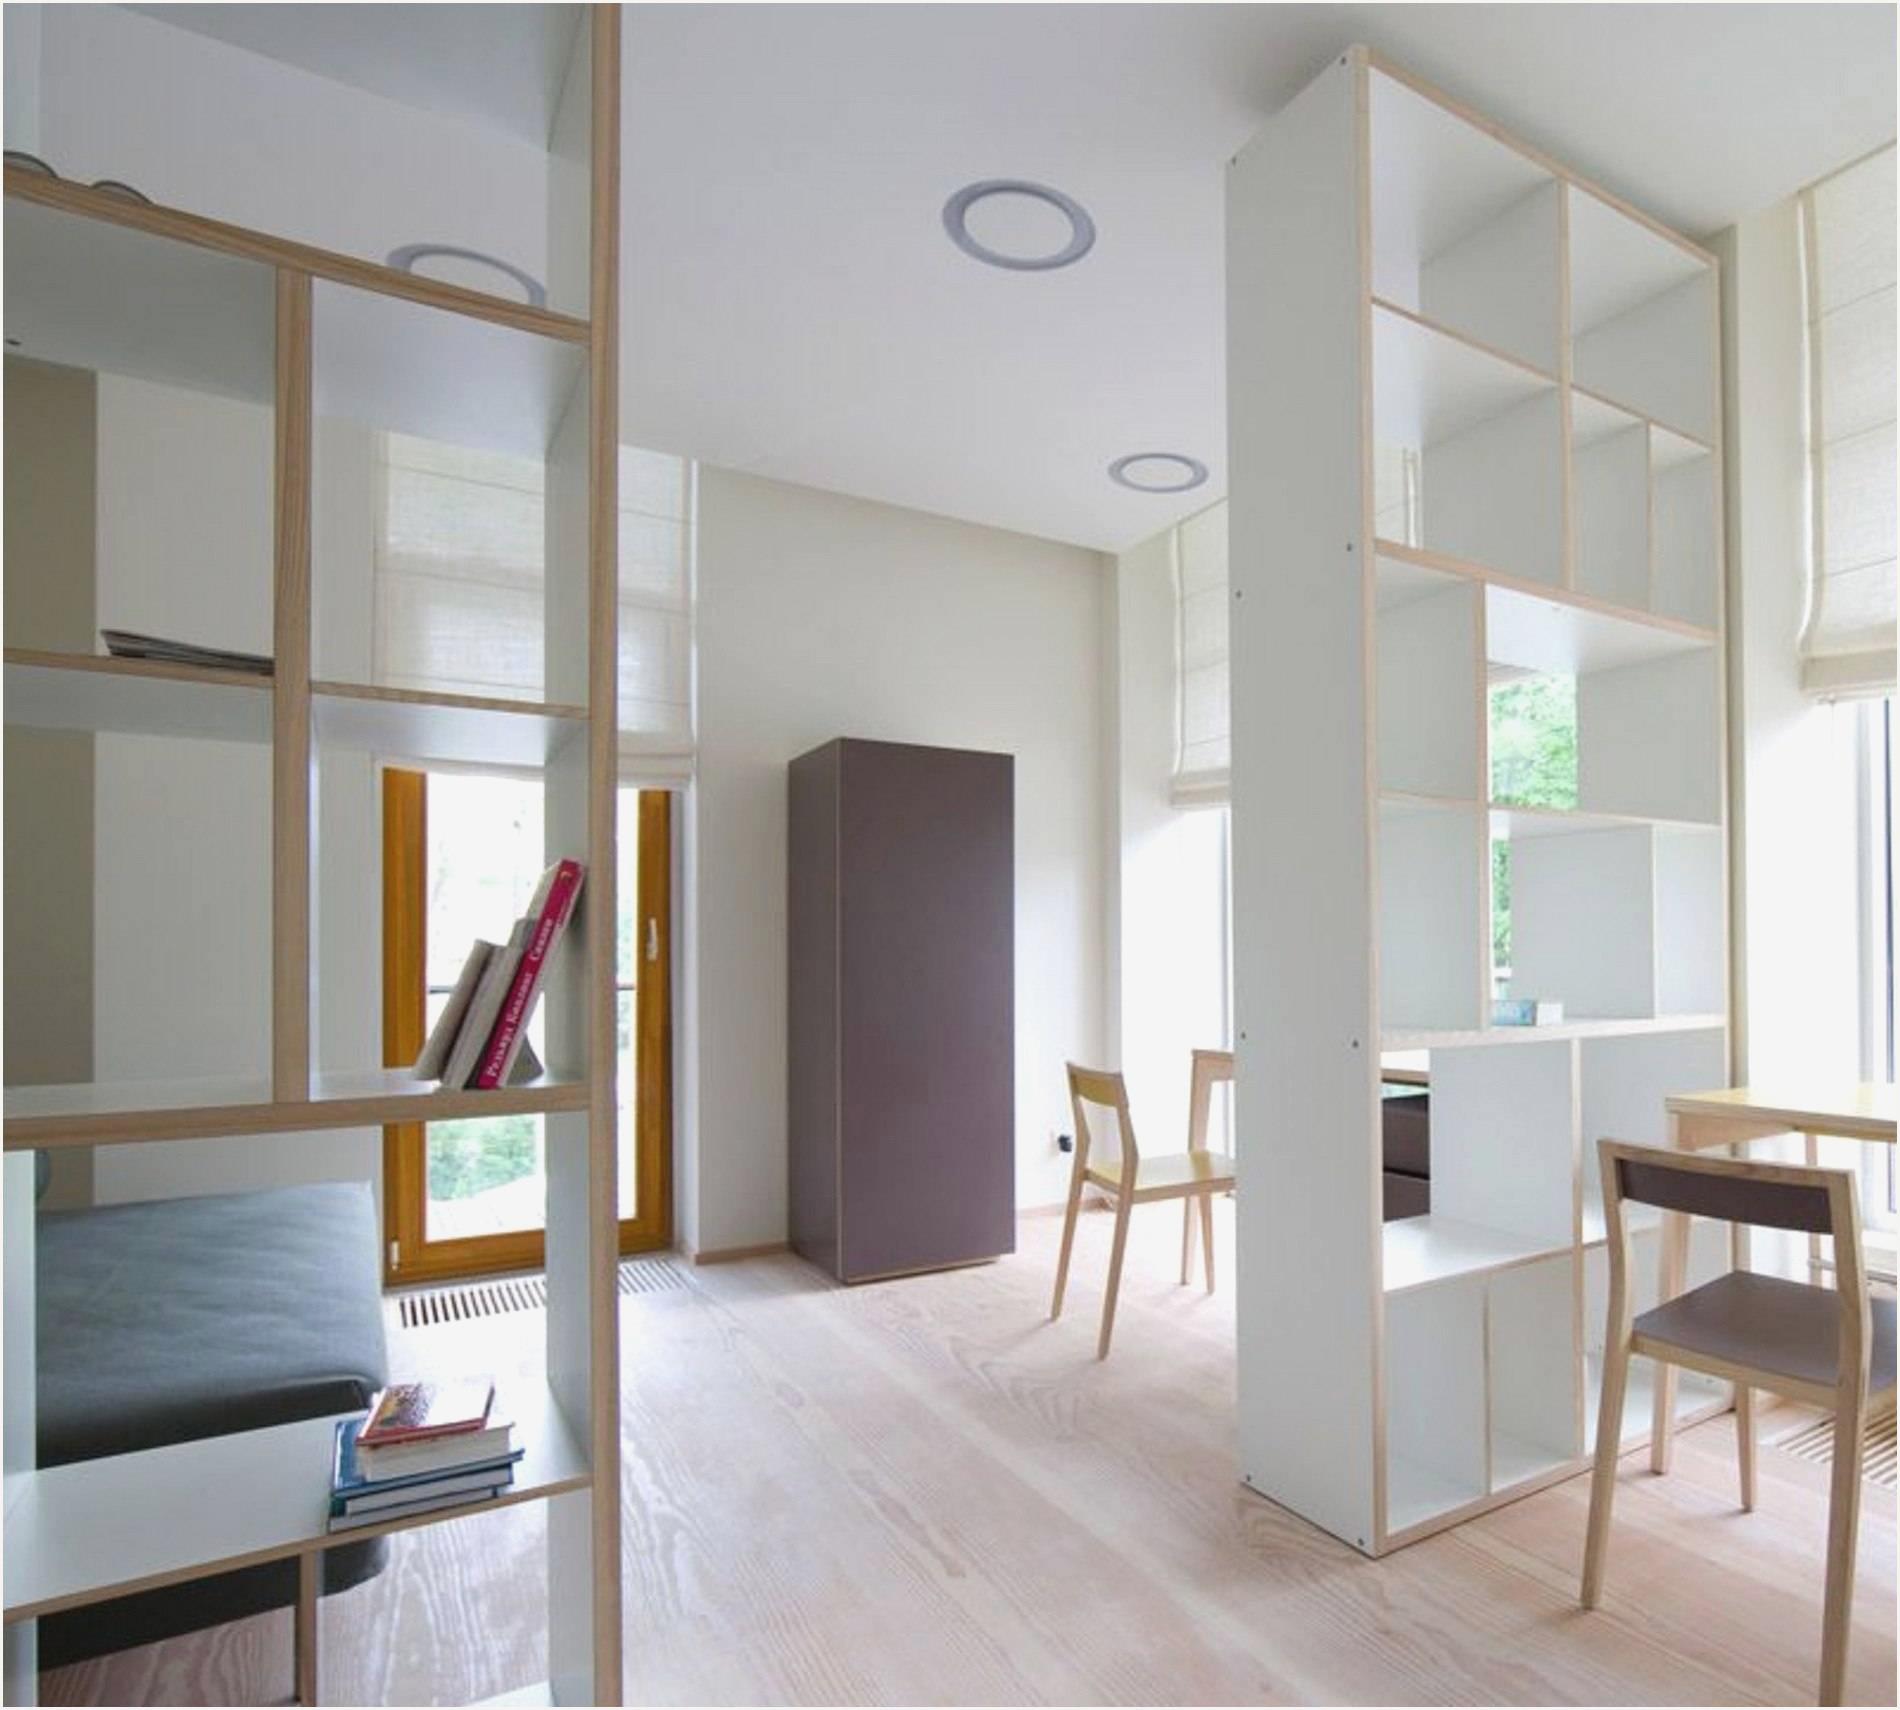 Full Size of Ikea Raumteiler 09gartenmbel Set Wohn Schlafzimmer Küche Kosten Regal Miniküche Betten 160x200 Bei Modulküche Sofa Mit Schlaffunktion Kaufen Wohnzimmer Ikea Raumteiler